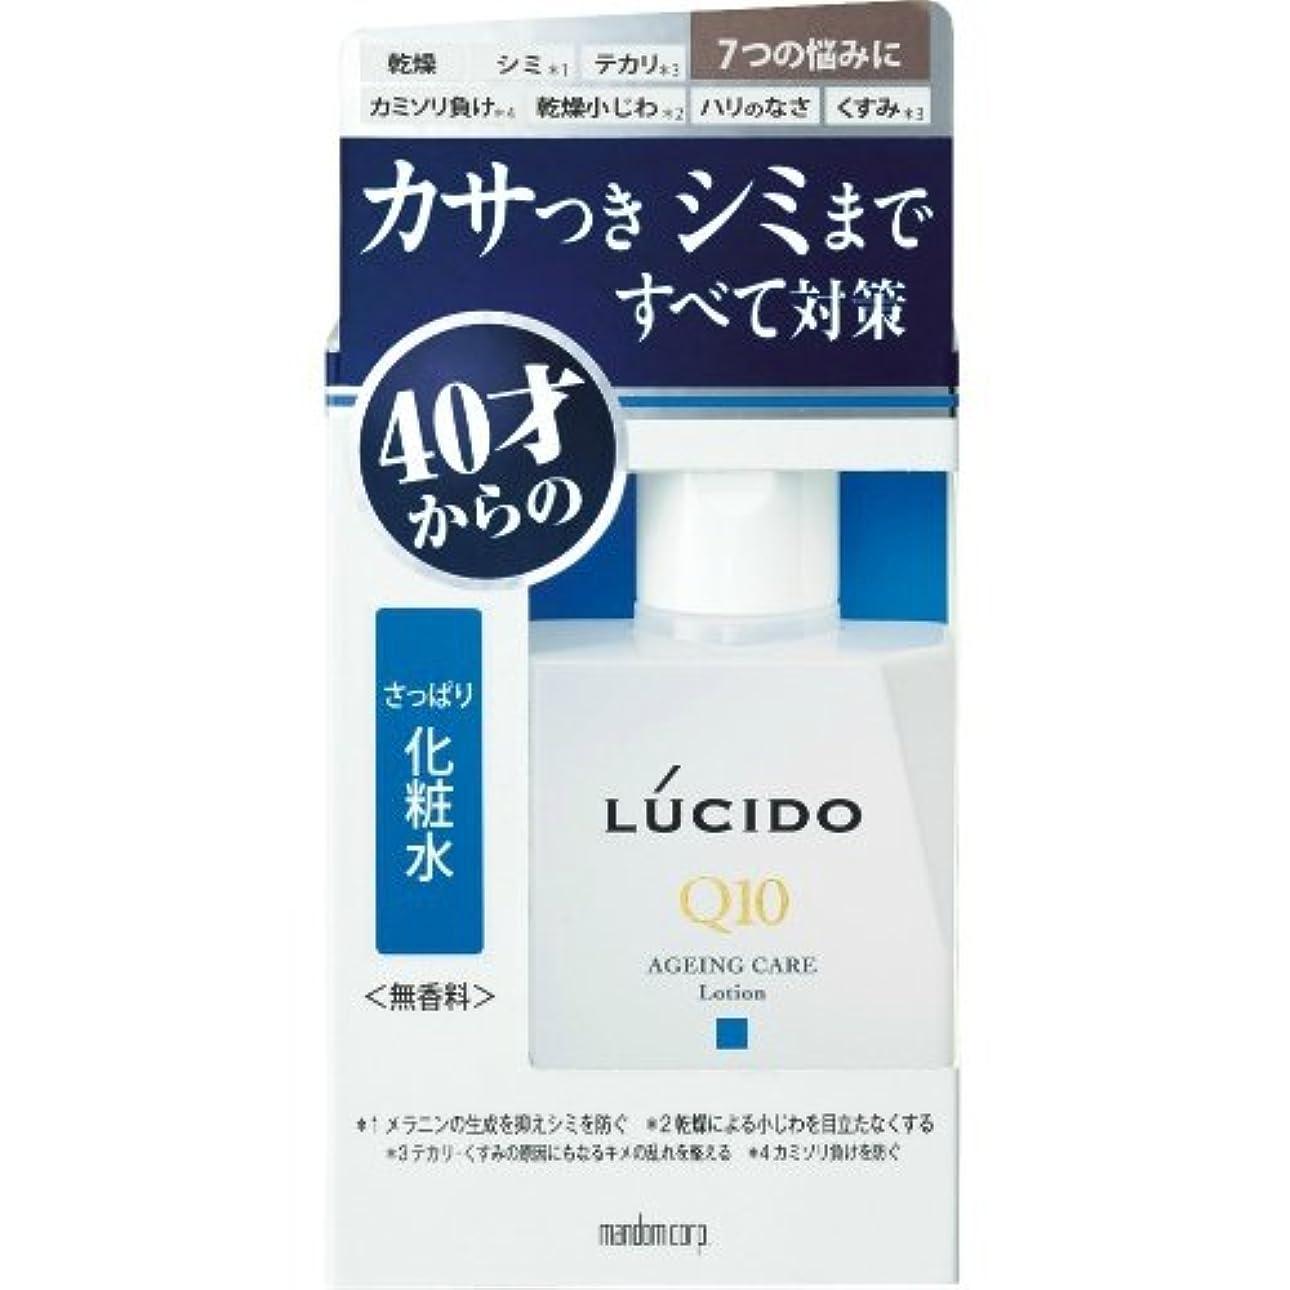 ブロッサムアニメーション支払うMANDOM マンダム ルシード 薬用トータルケア さっぱり化粧水 無香料 110ml ×036点セット(4902806107296)